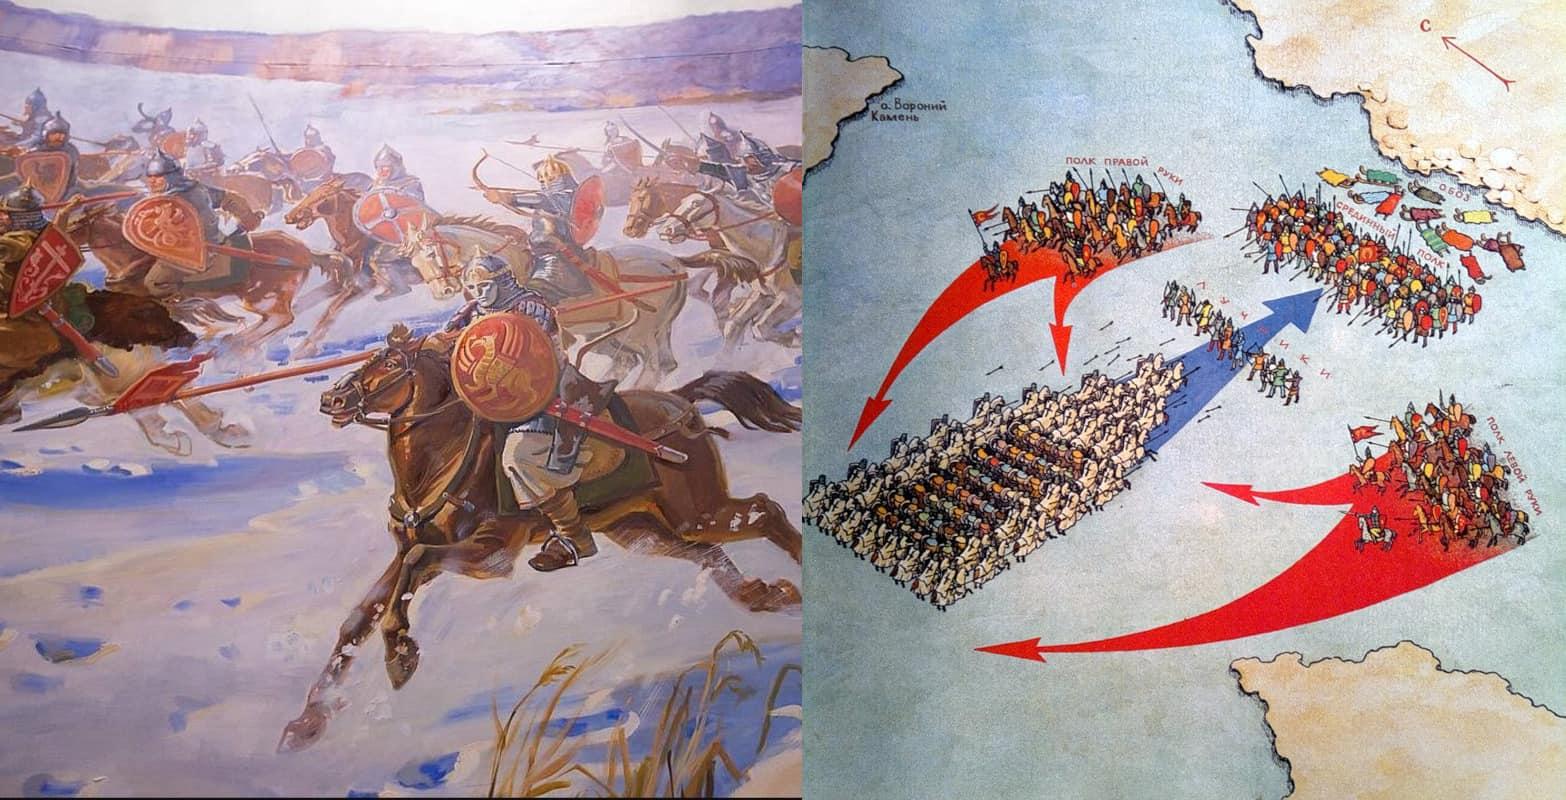 3 рубля в честь 750-летия Победы Александра Невского на Чудском озере